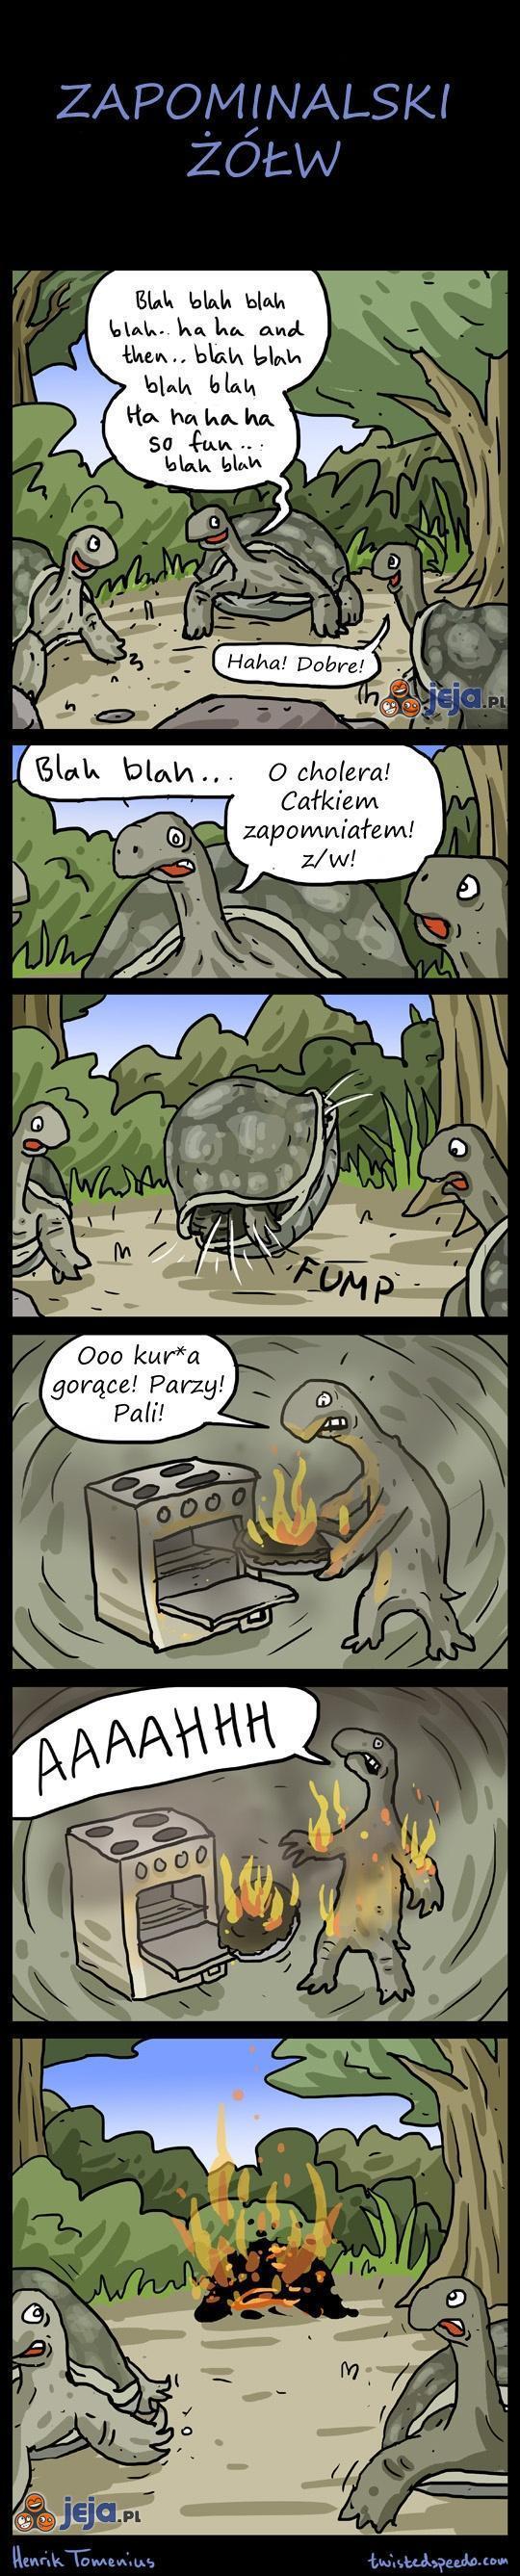 Zapominalski żółw